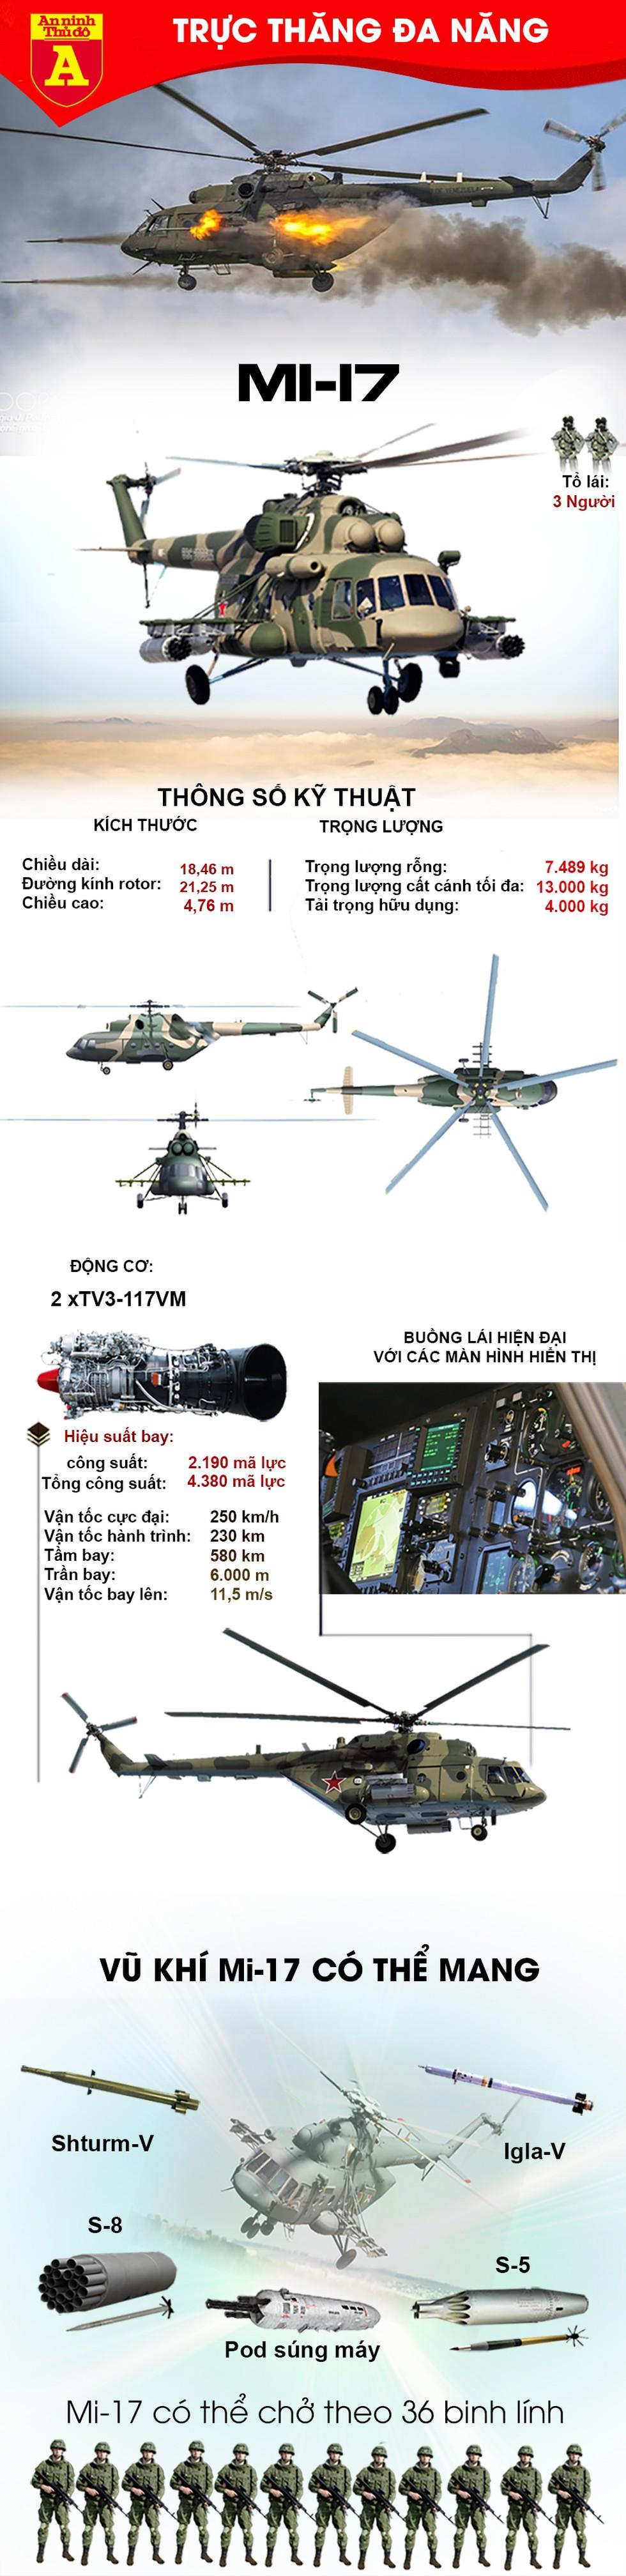 [Infographics]  Dòng trực thăng bán chạy nhất của Nga bị rơi tại Indonesia - Ảnh 1